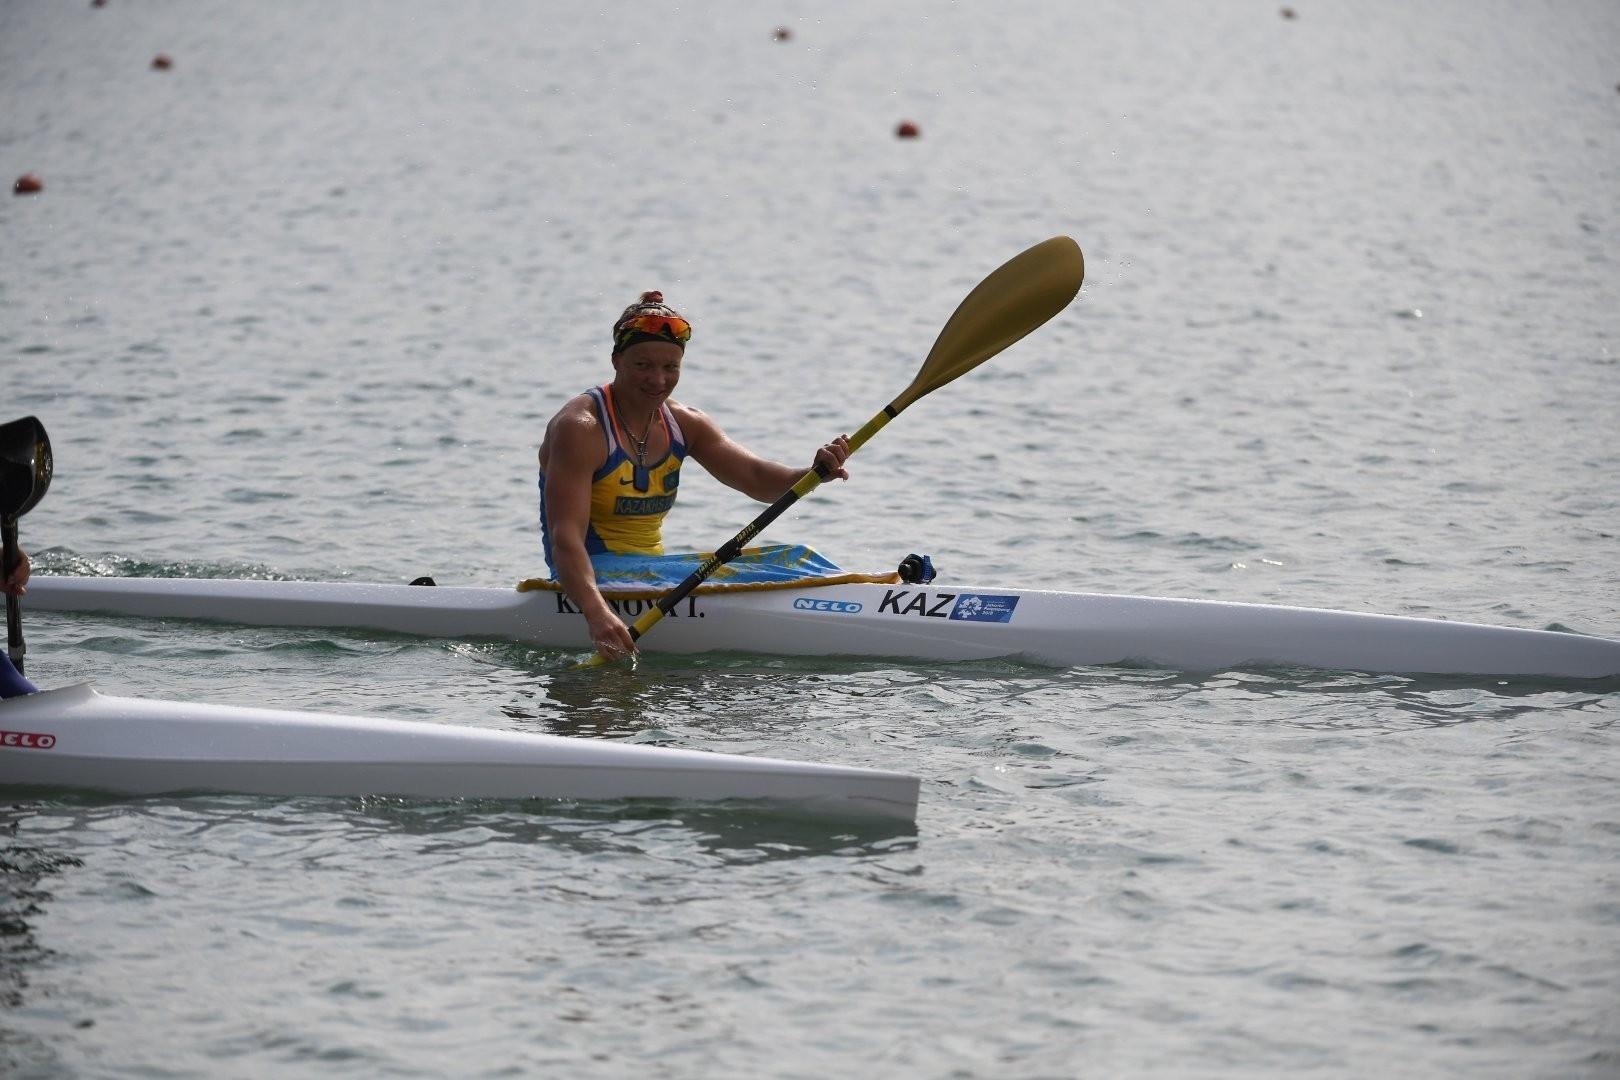 Инна Клинова стала четвертой в финале В на этапе Кубка мира по гребле на байдарке и каноэ